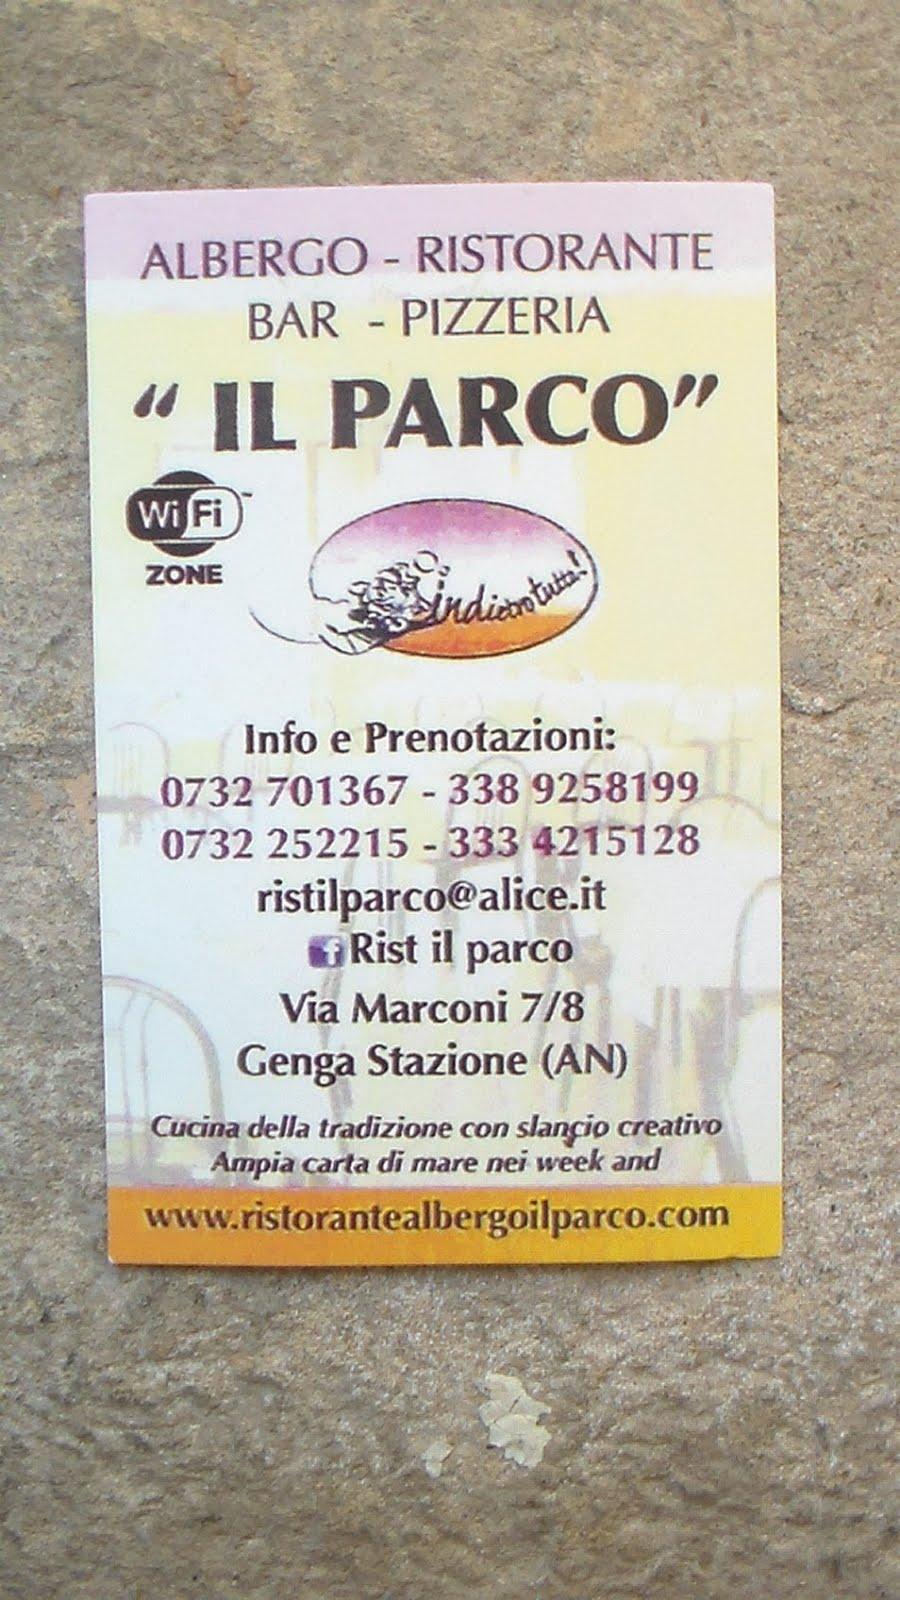 Ristorante Pizzeria IL PARCO